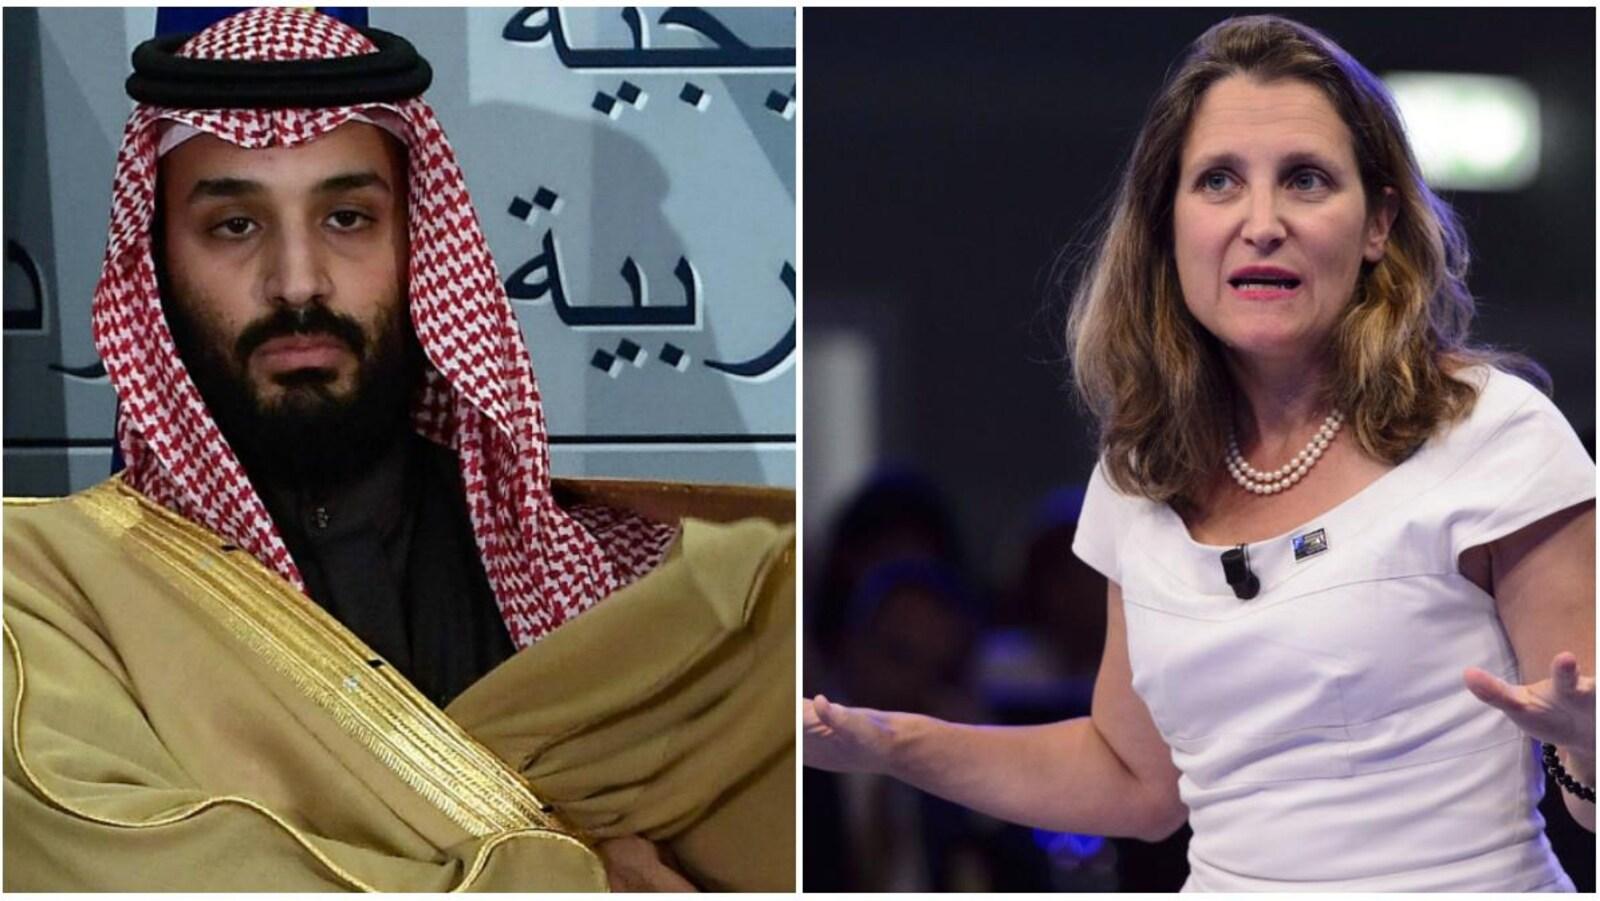 Le prince héritier saoudien Mohammed ben Salmane Al-Saoud et la ministre des Affaires étrangères du Canada, Chrystia Freeland